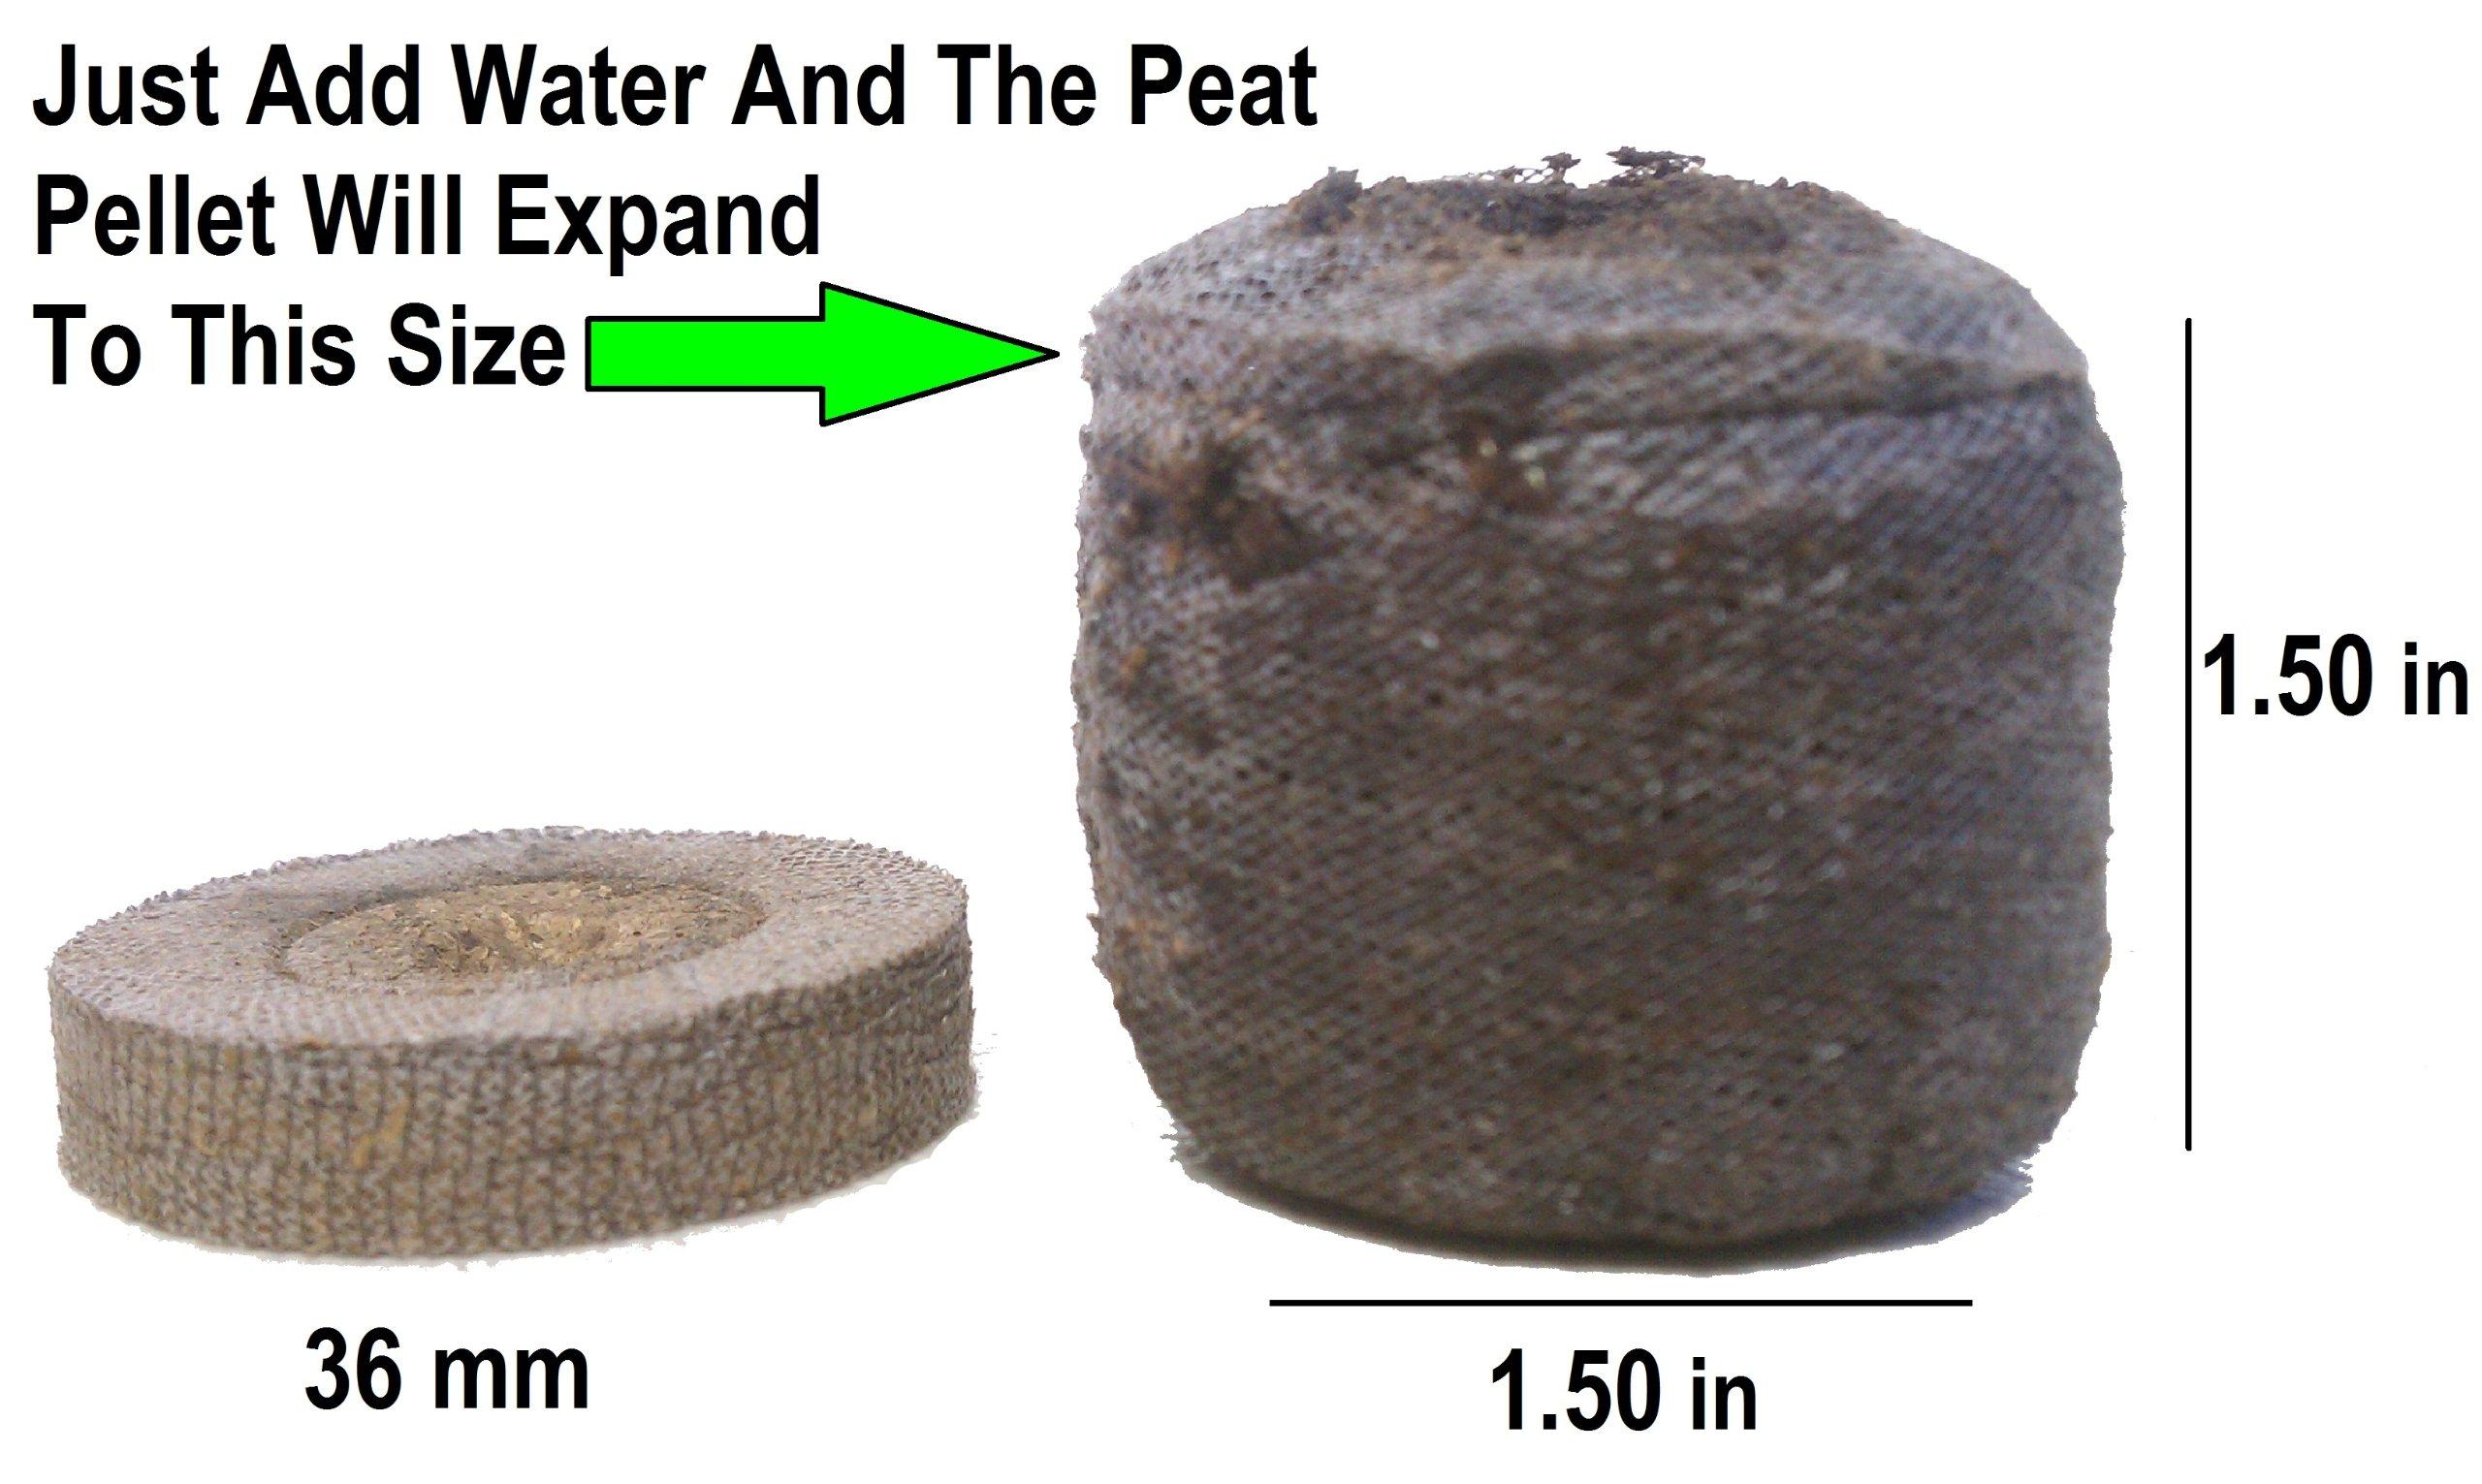 2,000 Jiffy 7 Peat Pellets 36mm - Seeds Starting - Jiffy Peat Pellet Helps to Avoid Root Shock - 2,000 Jiffy Peat Pellets 36mm ~ FULL CASE by Jiffy